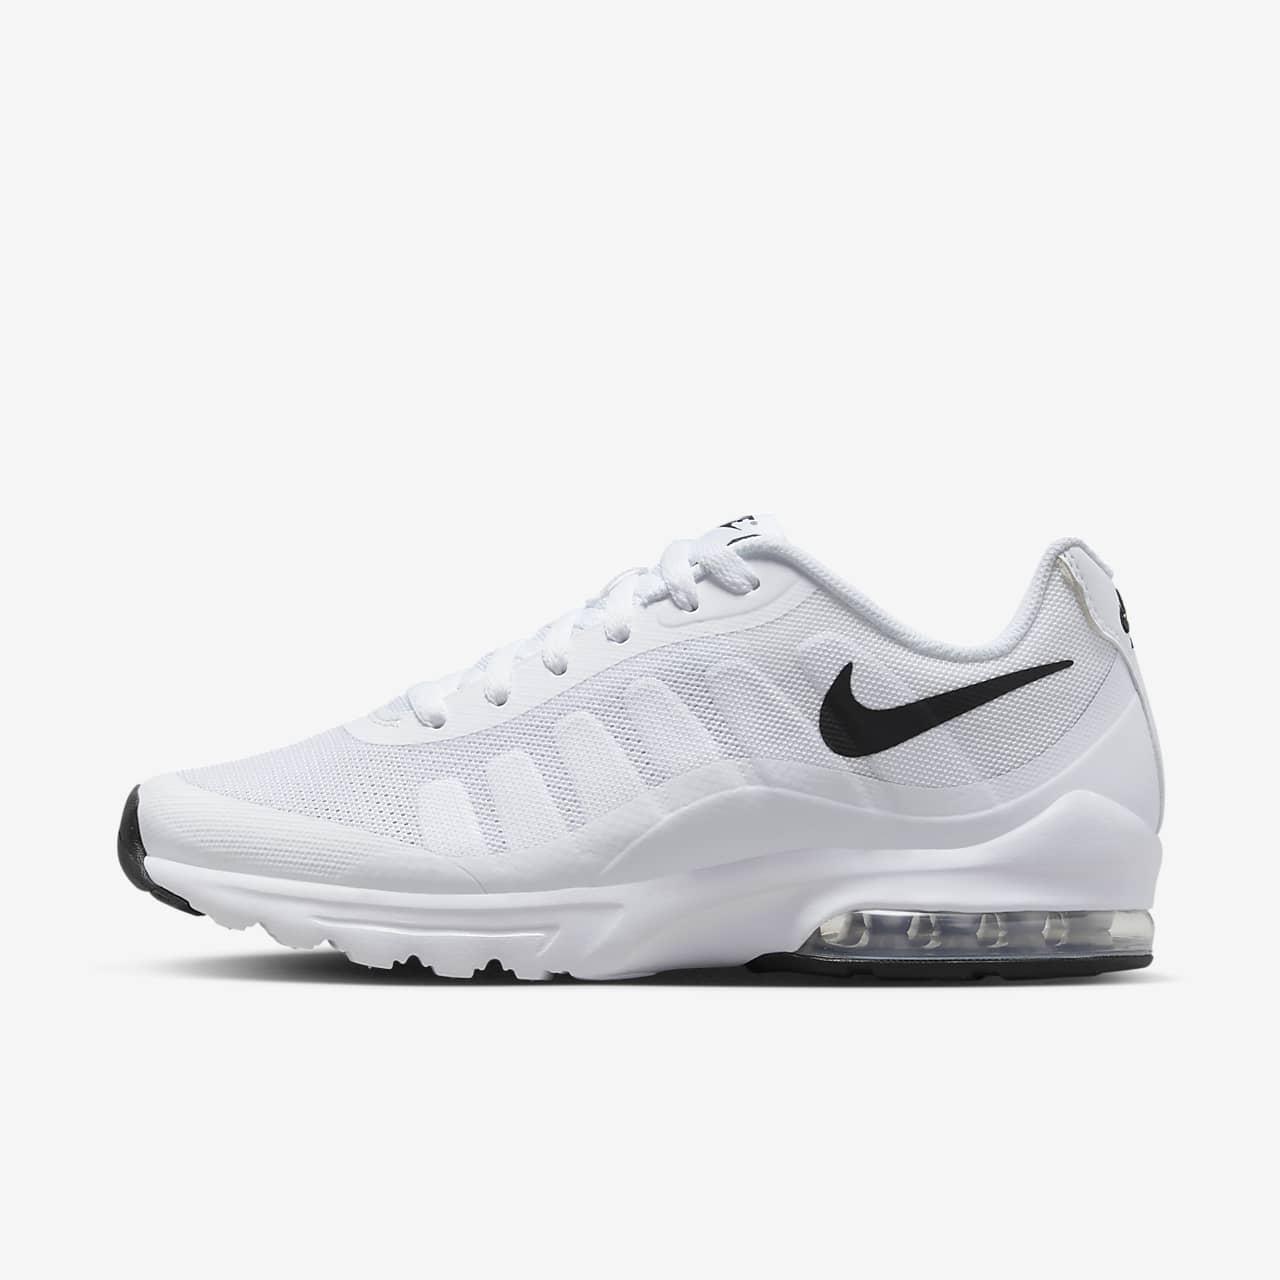 Ανδρικό παπούτσι Nike Air Max Invigor